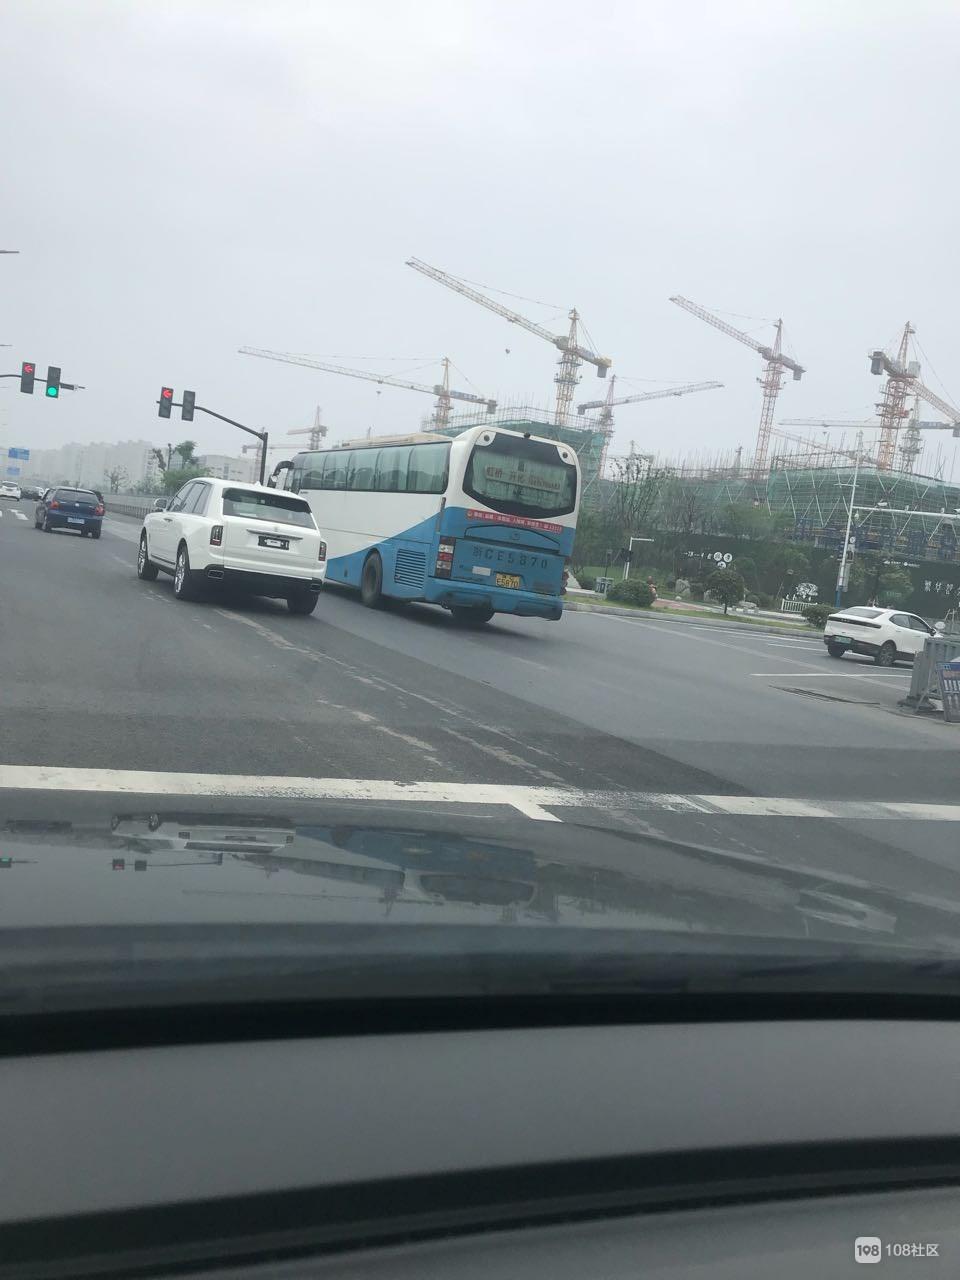 衢城又多了一辆豪车,社友街头偶遇800万劳斯莱斯!